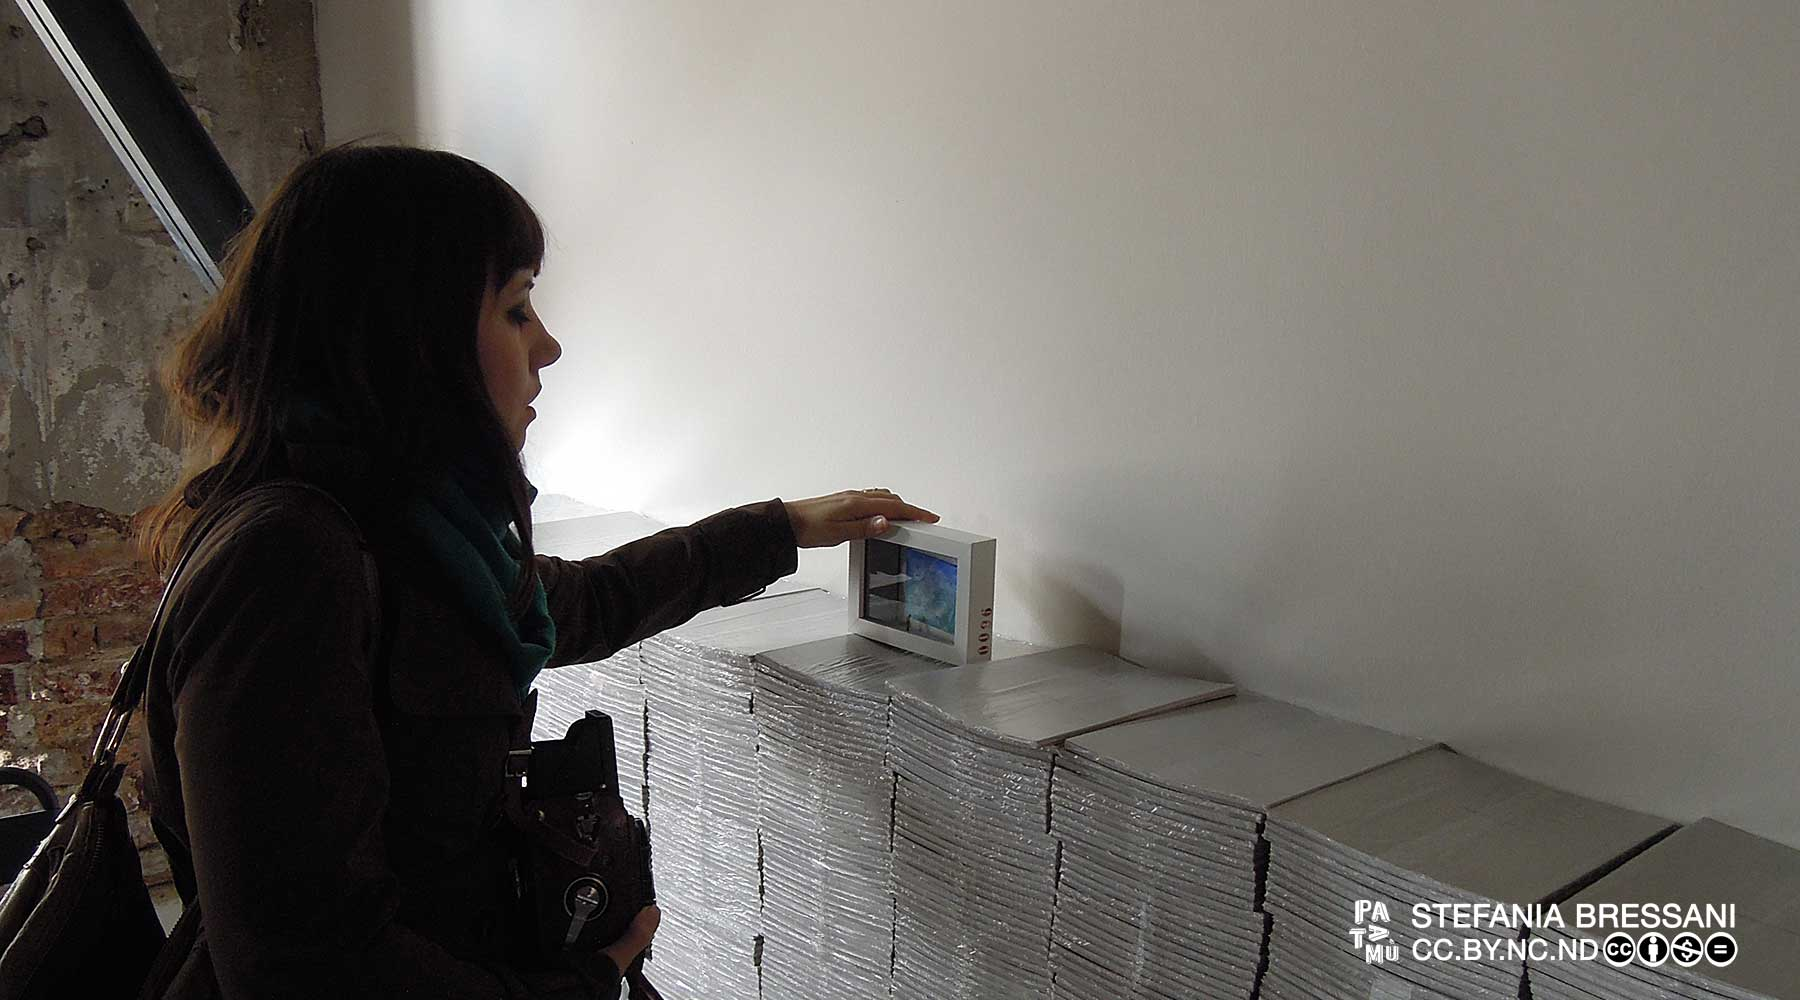 L'artista abbandona un dono d'arte alla Biennale di Venezia